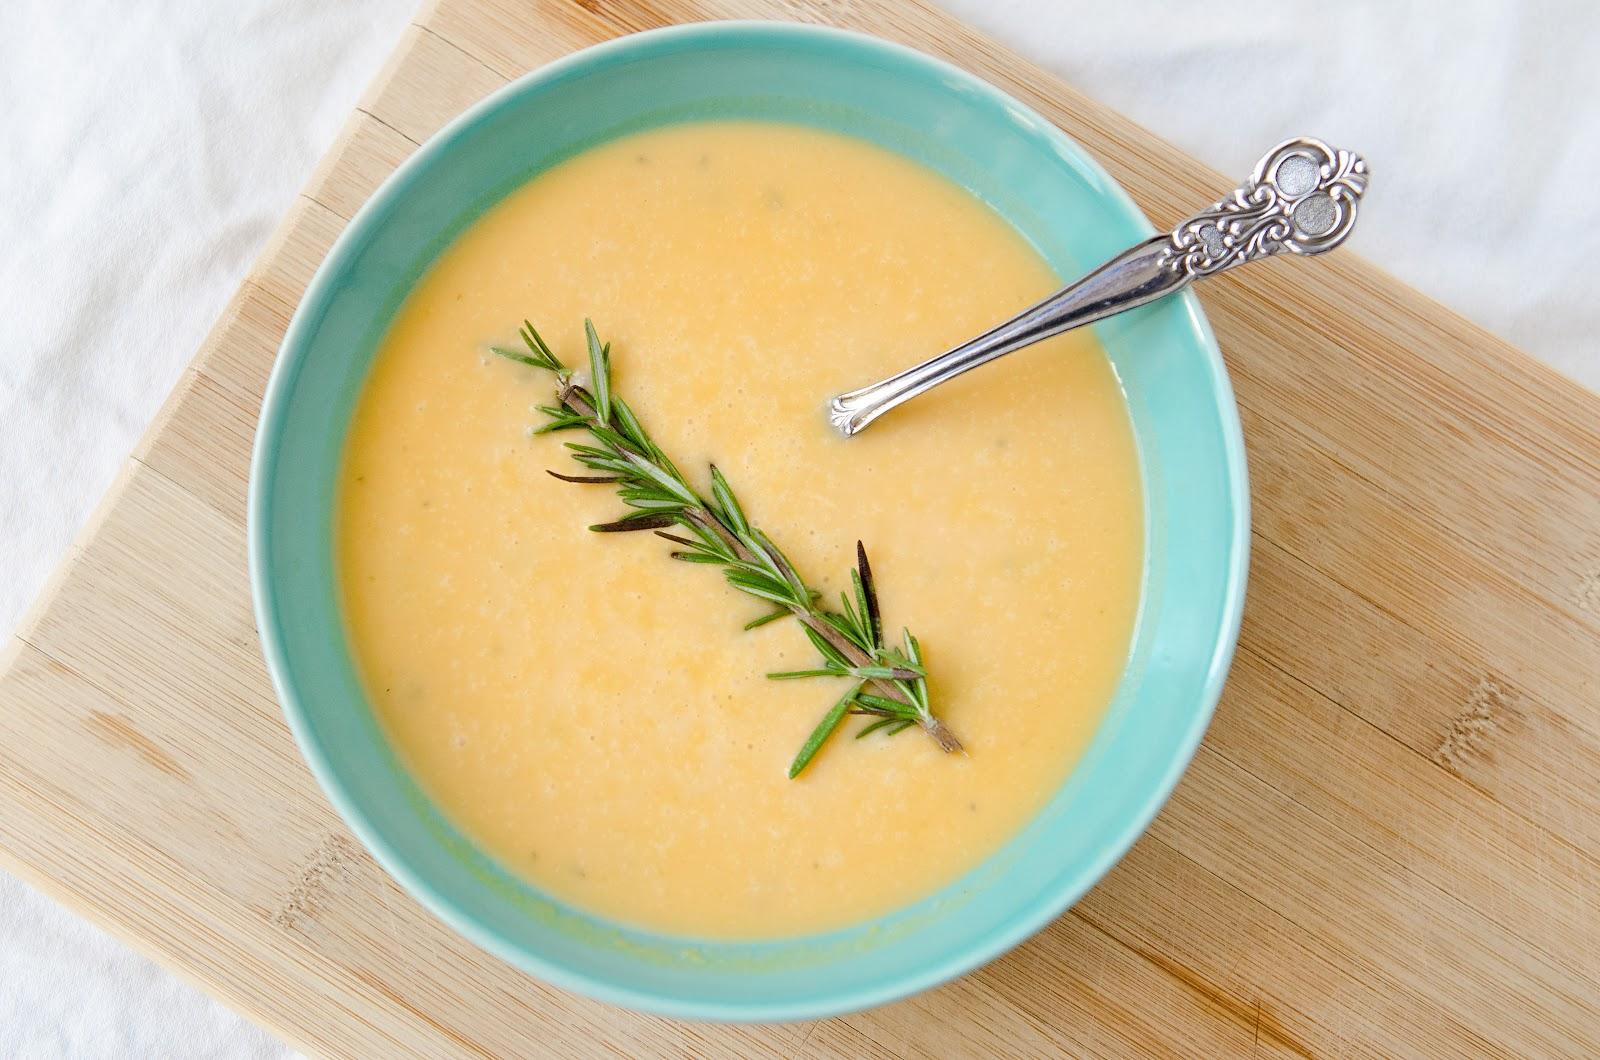 Creamy Rosemary Sweet Potato Soup - The Fig Tree